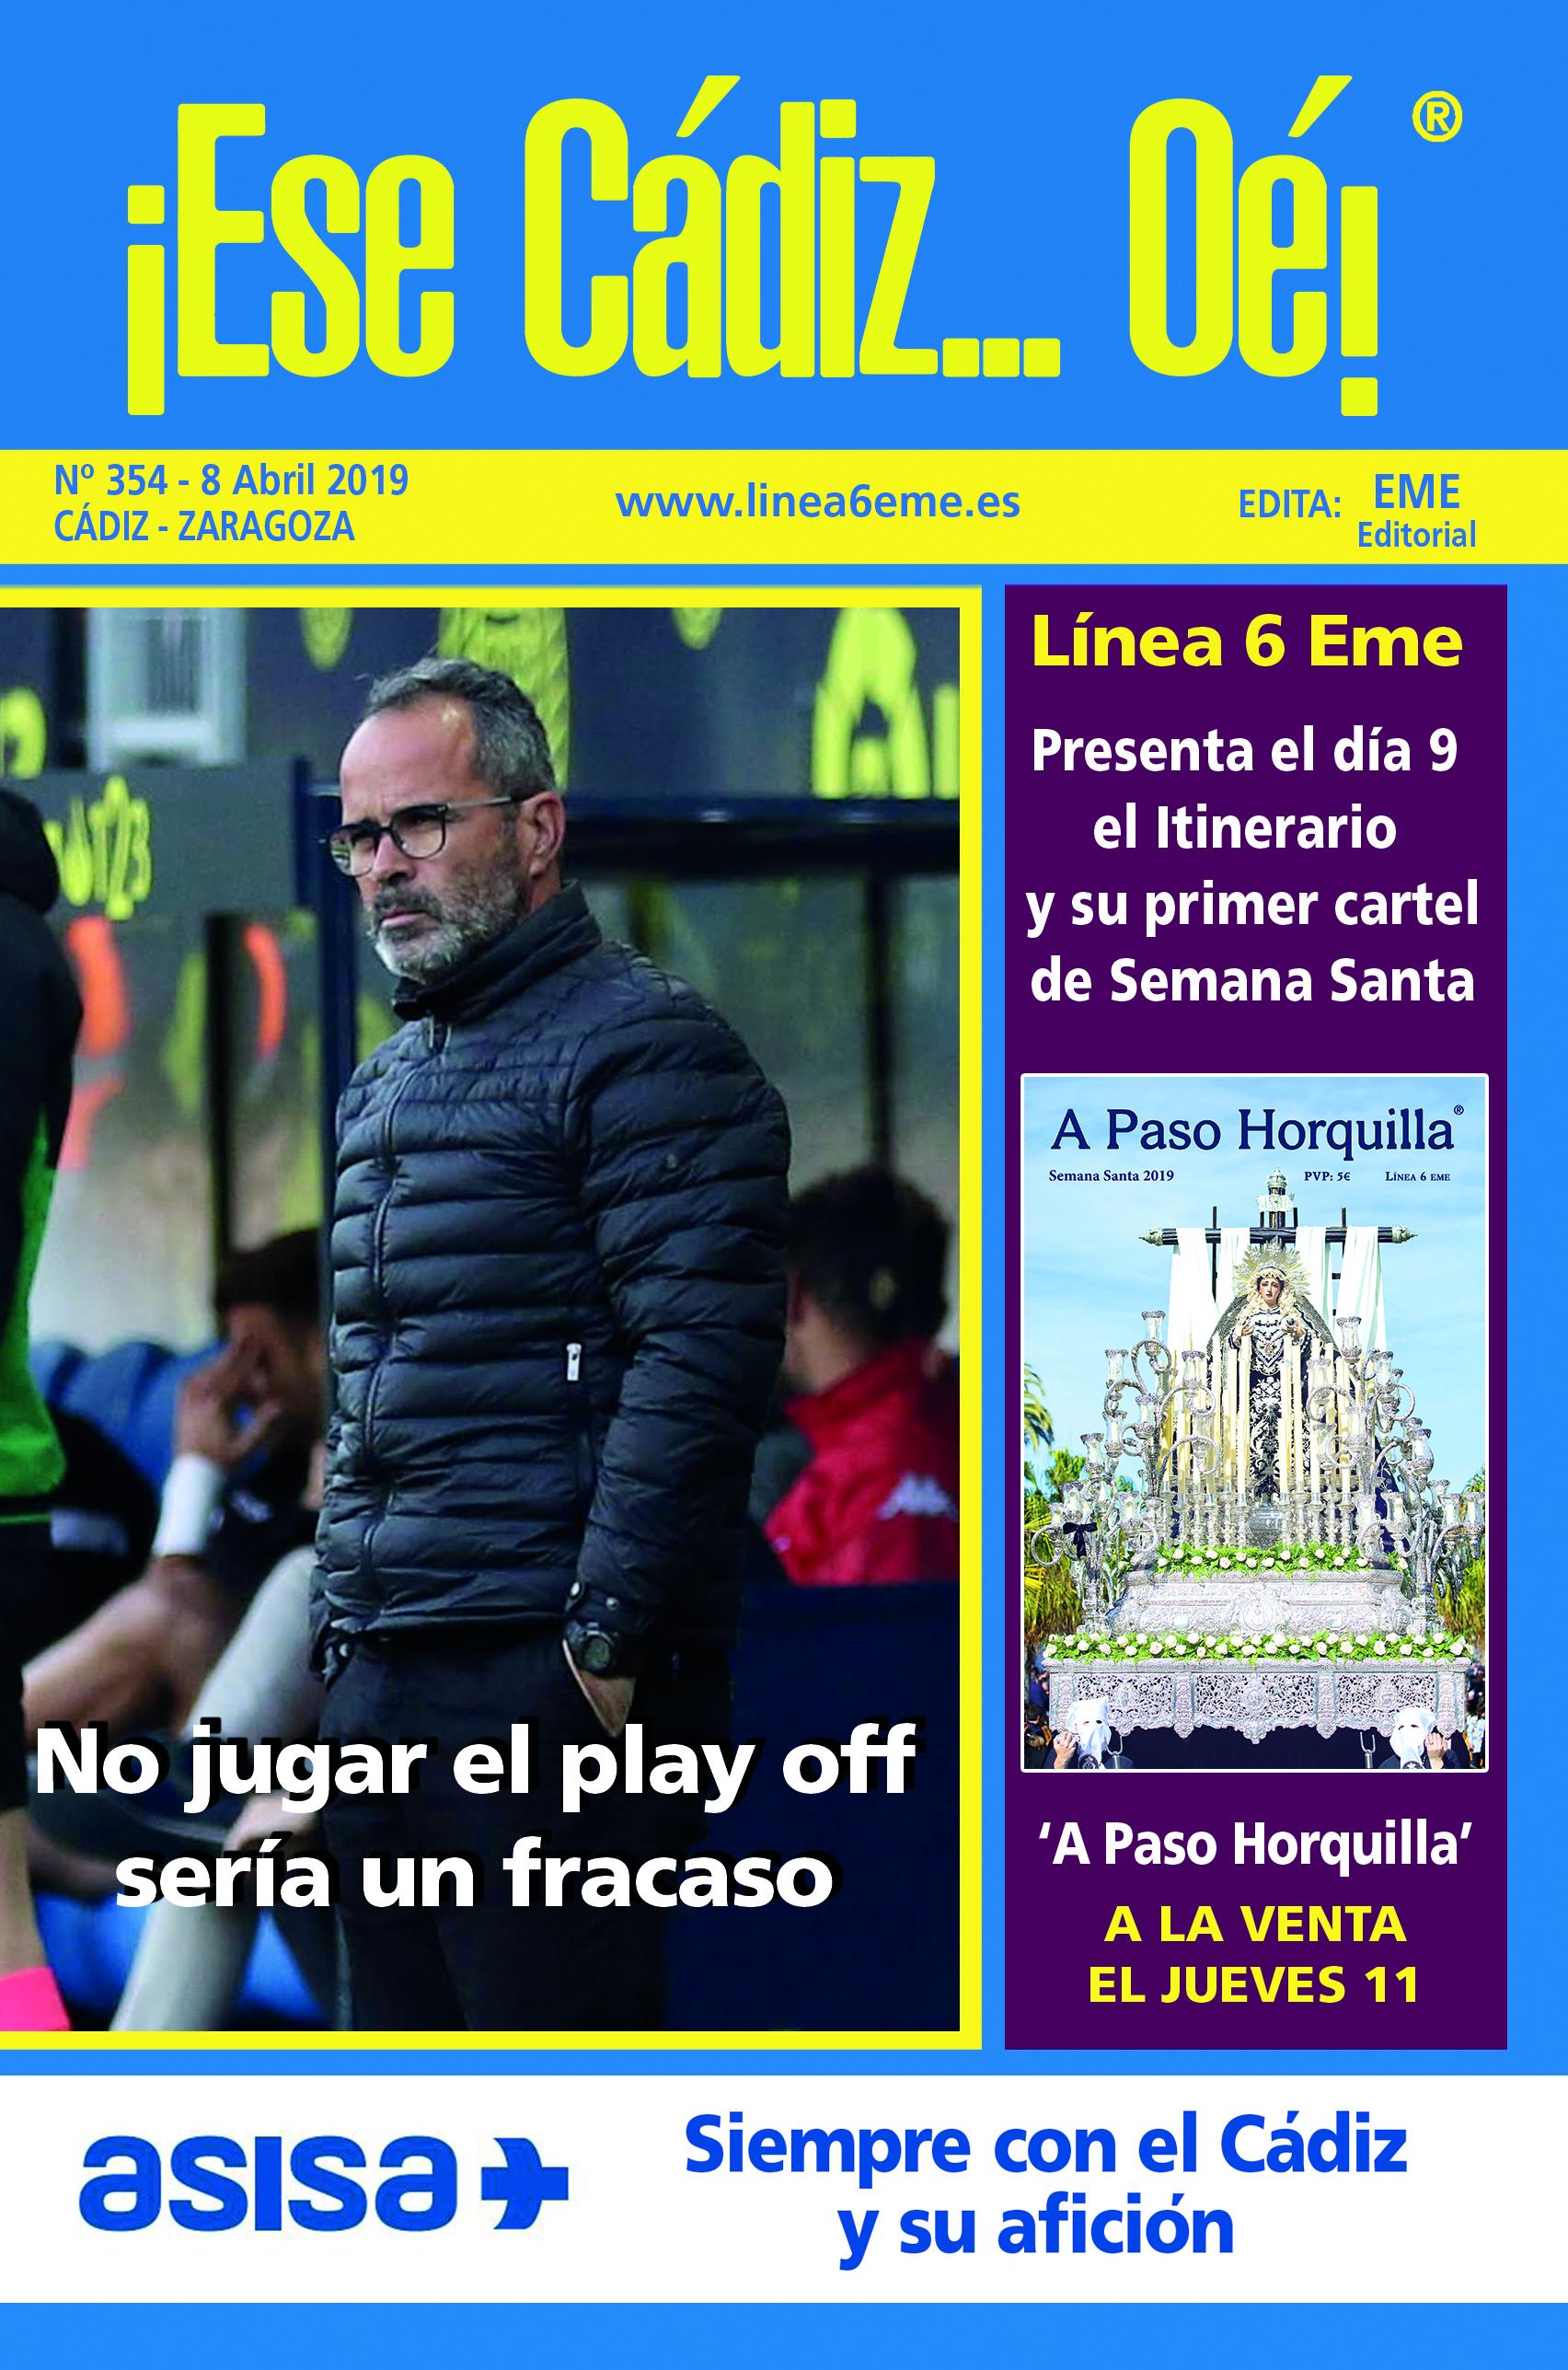 ¡Ese Cádiz…Oé! núm. 354 Temporada 2018/19